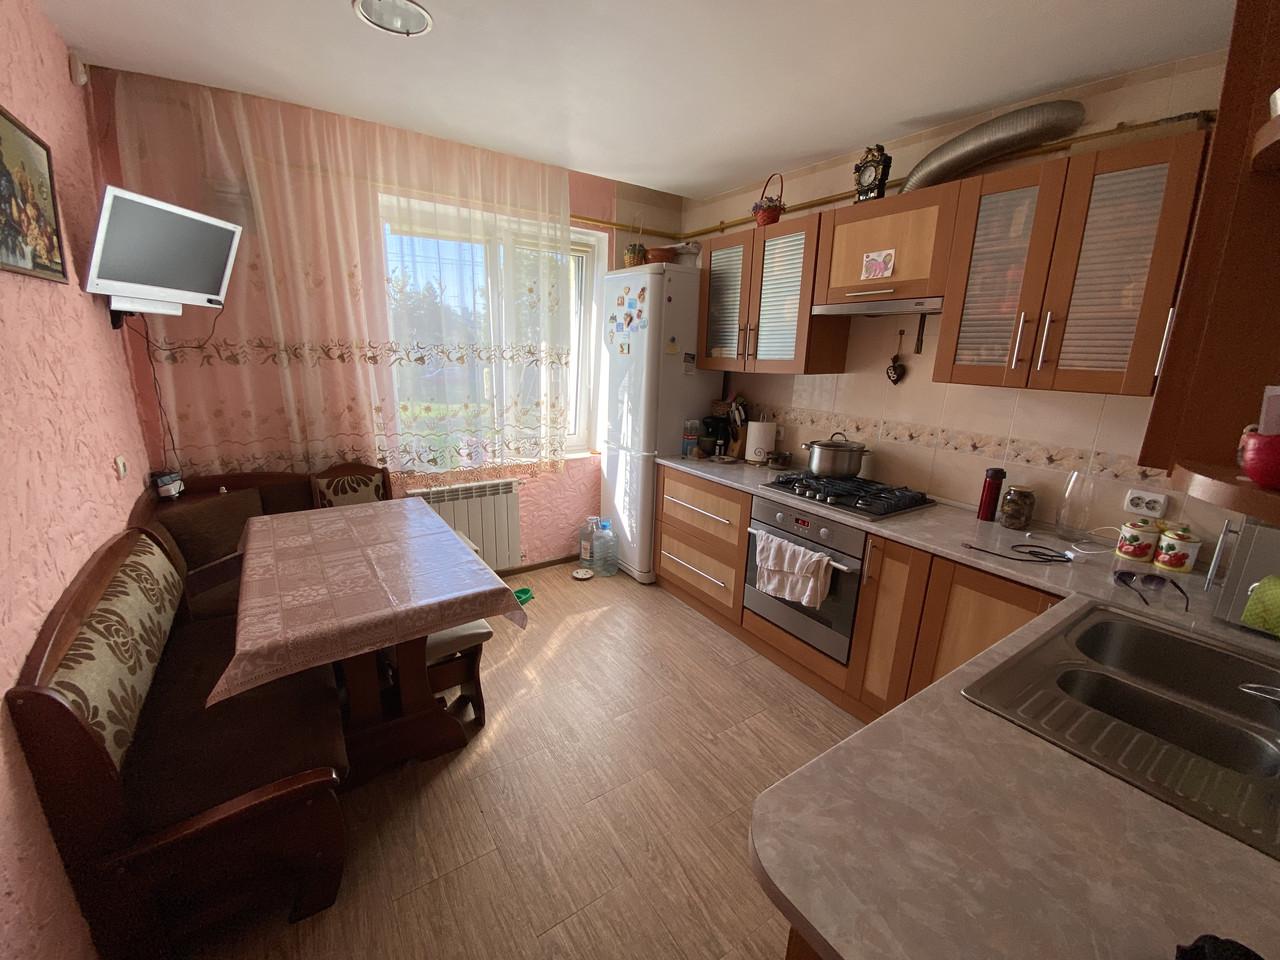 Продається двохкімнатна квартира в Жовкві з ремонтом і меблями